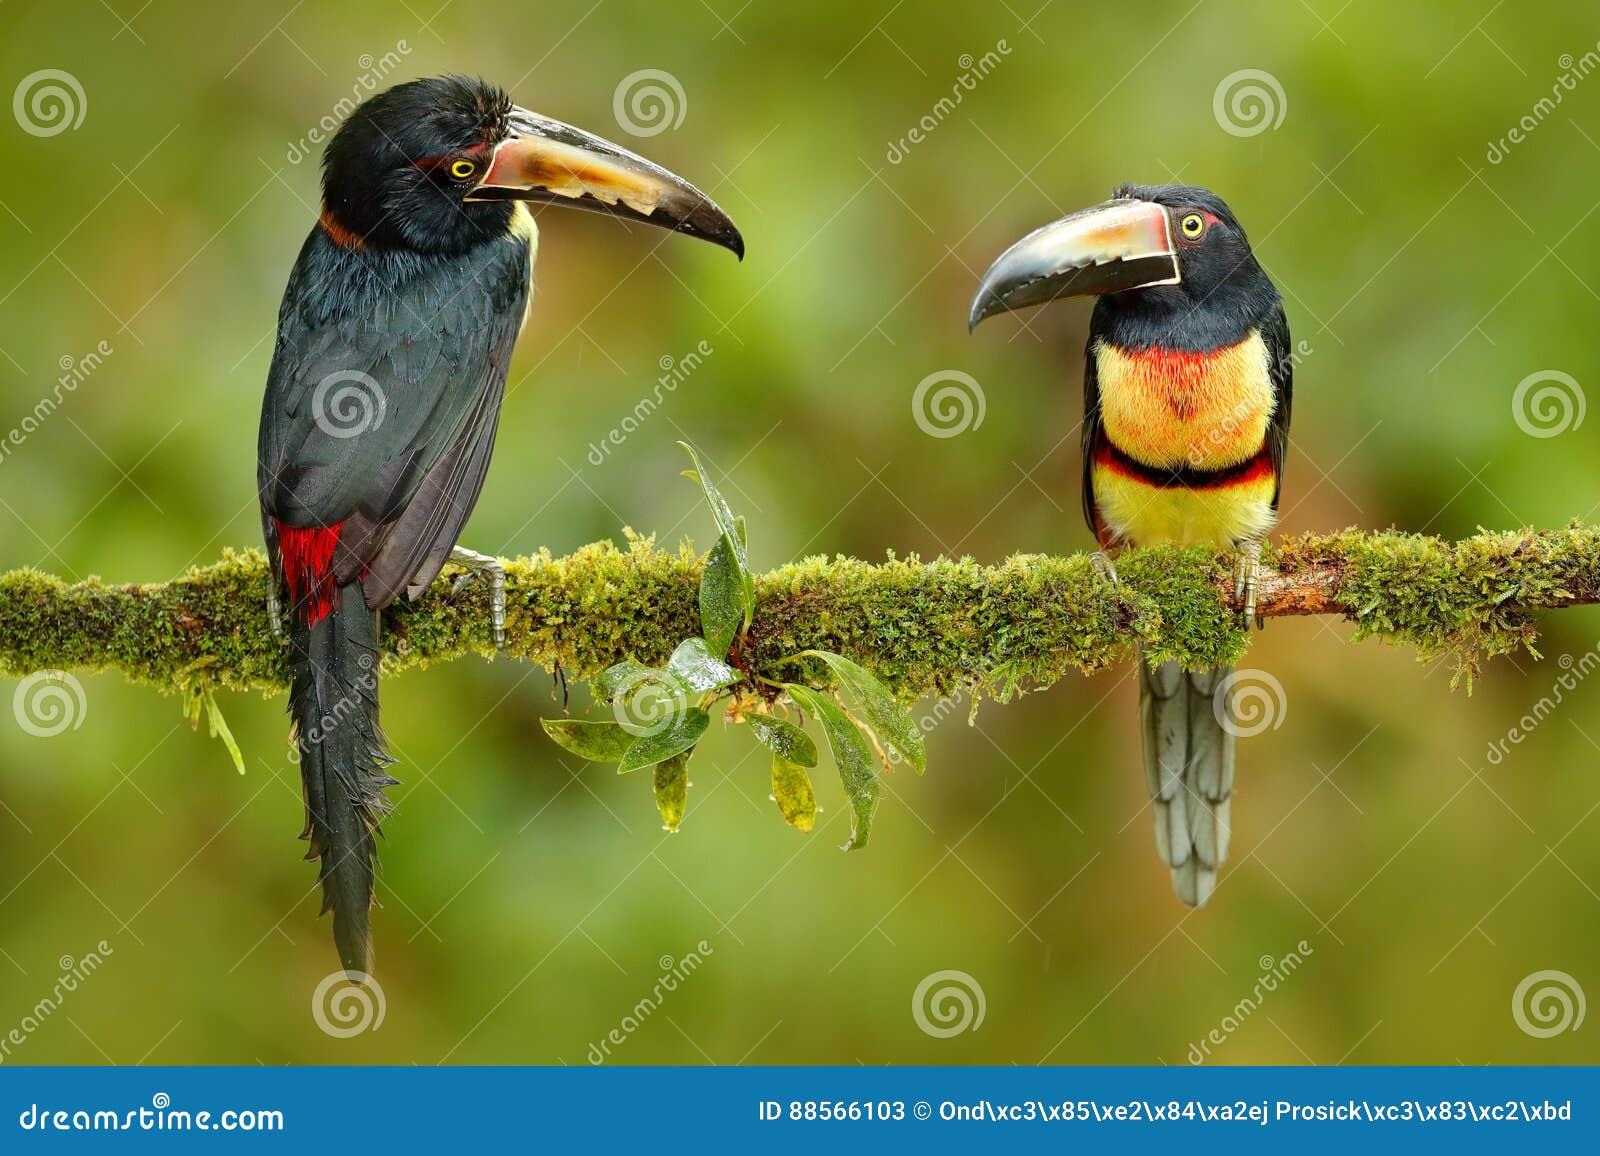 Μπορώ να δω το μεγάλο πουλί σας